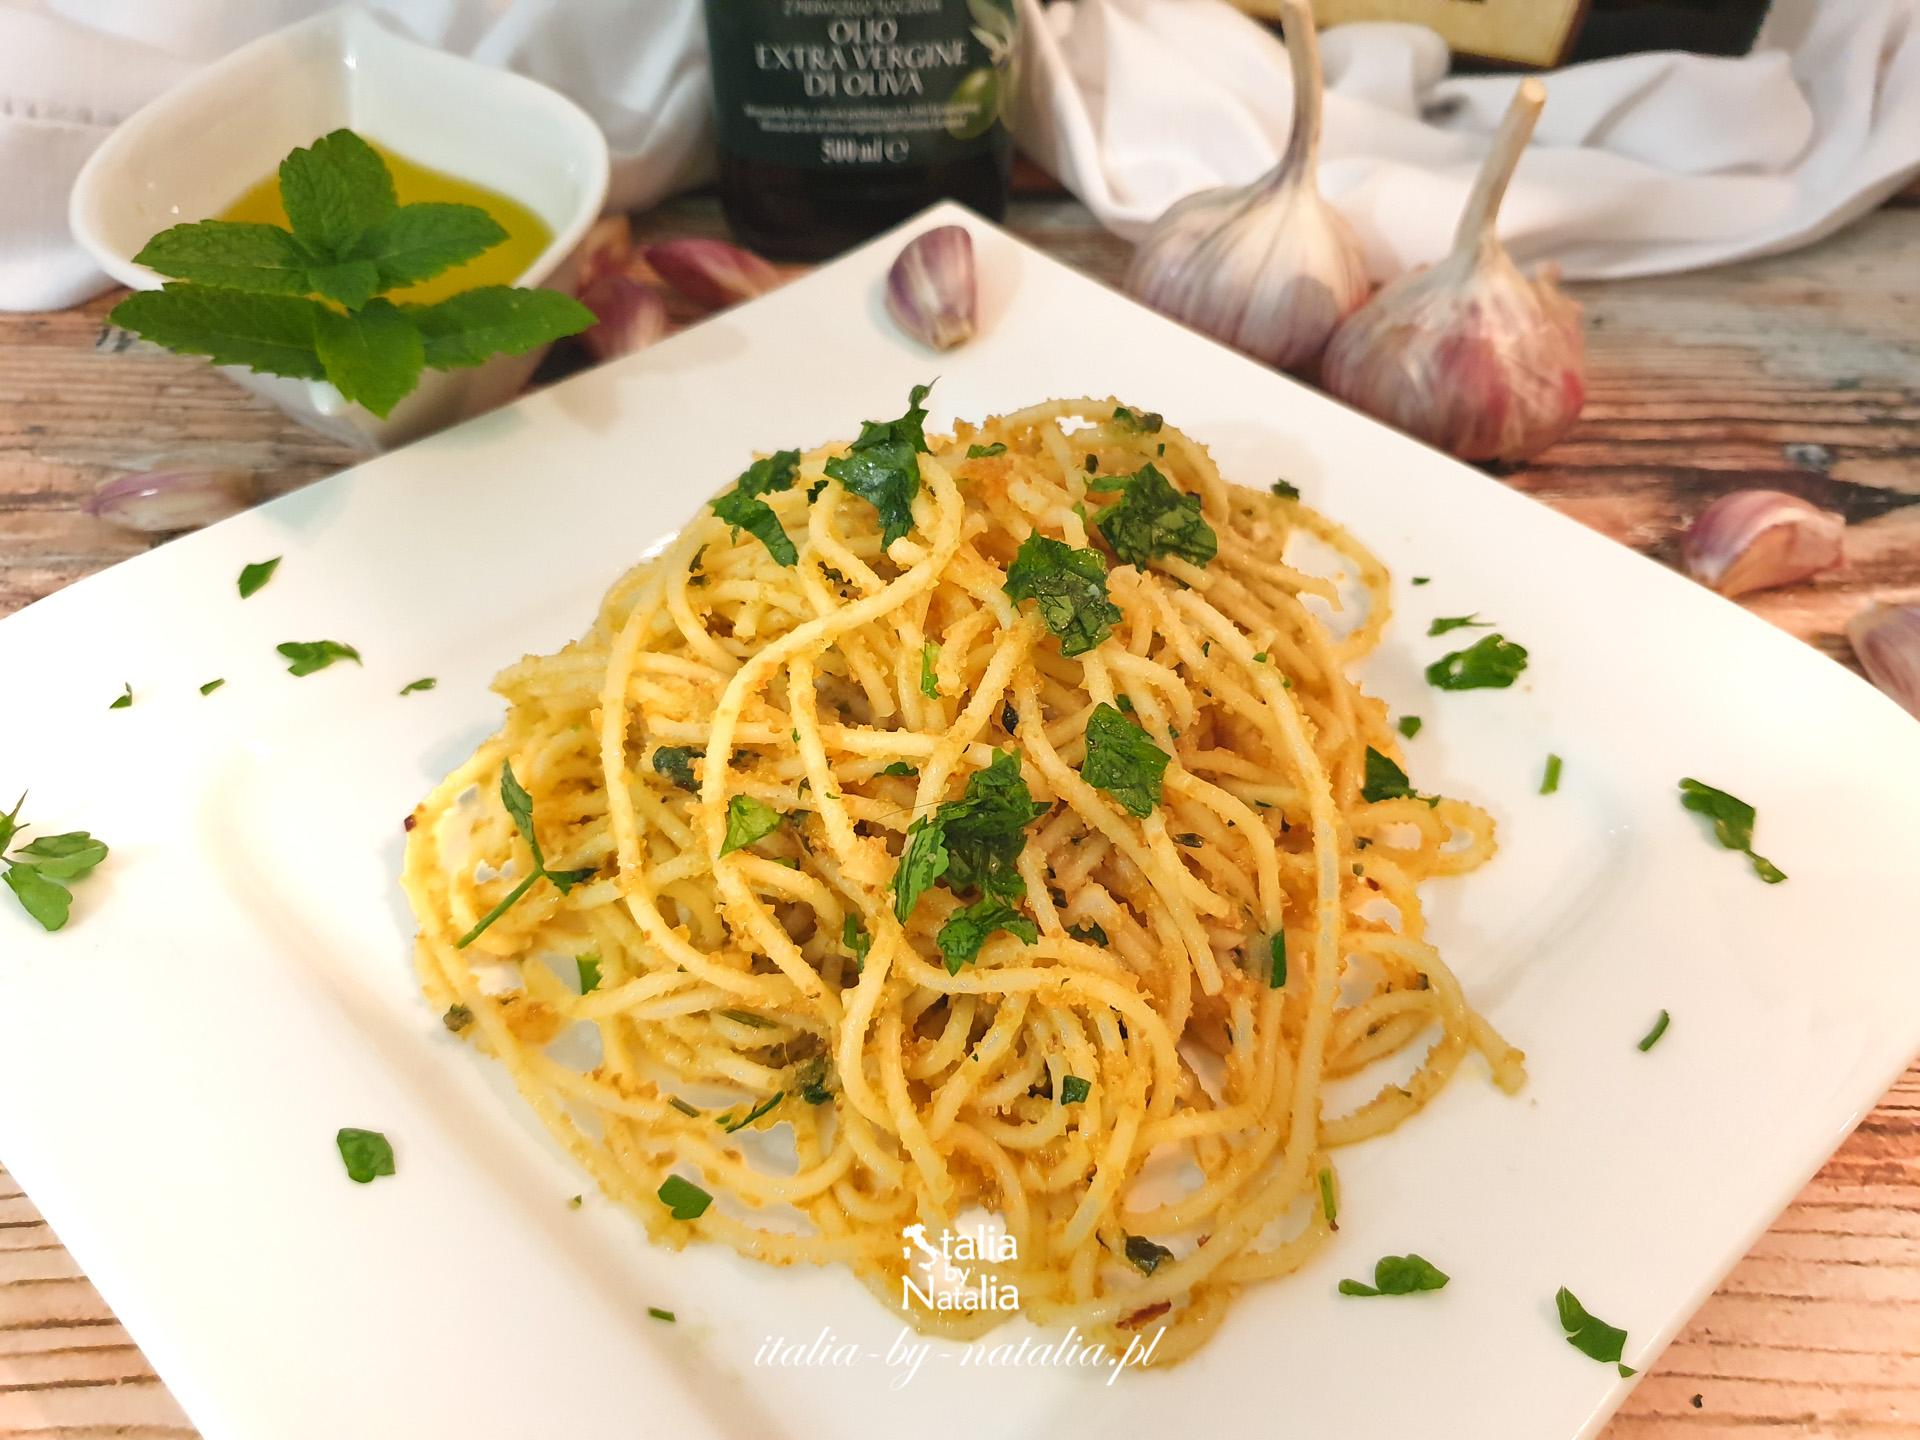 Spaghetti aglio, olio e peperoncino – przepis oryginalny i z bułką tartą